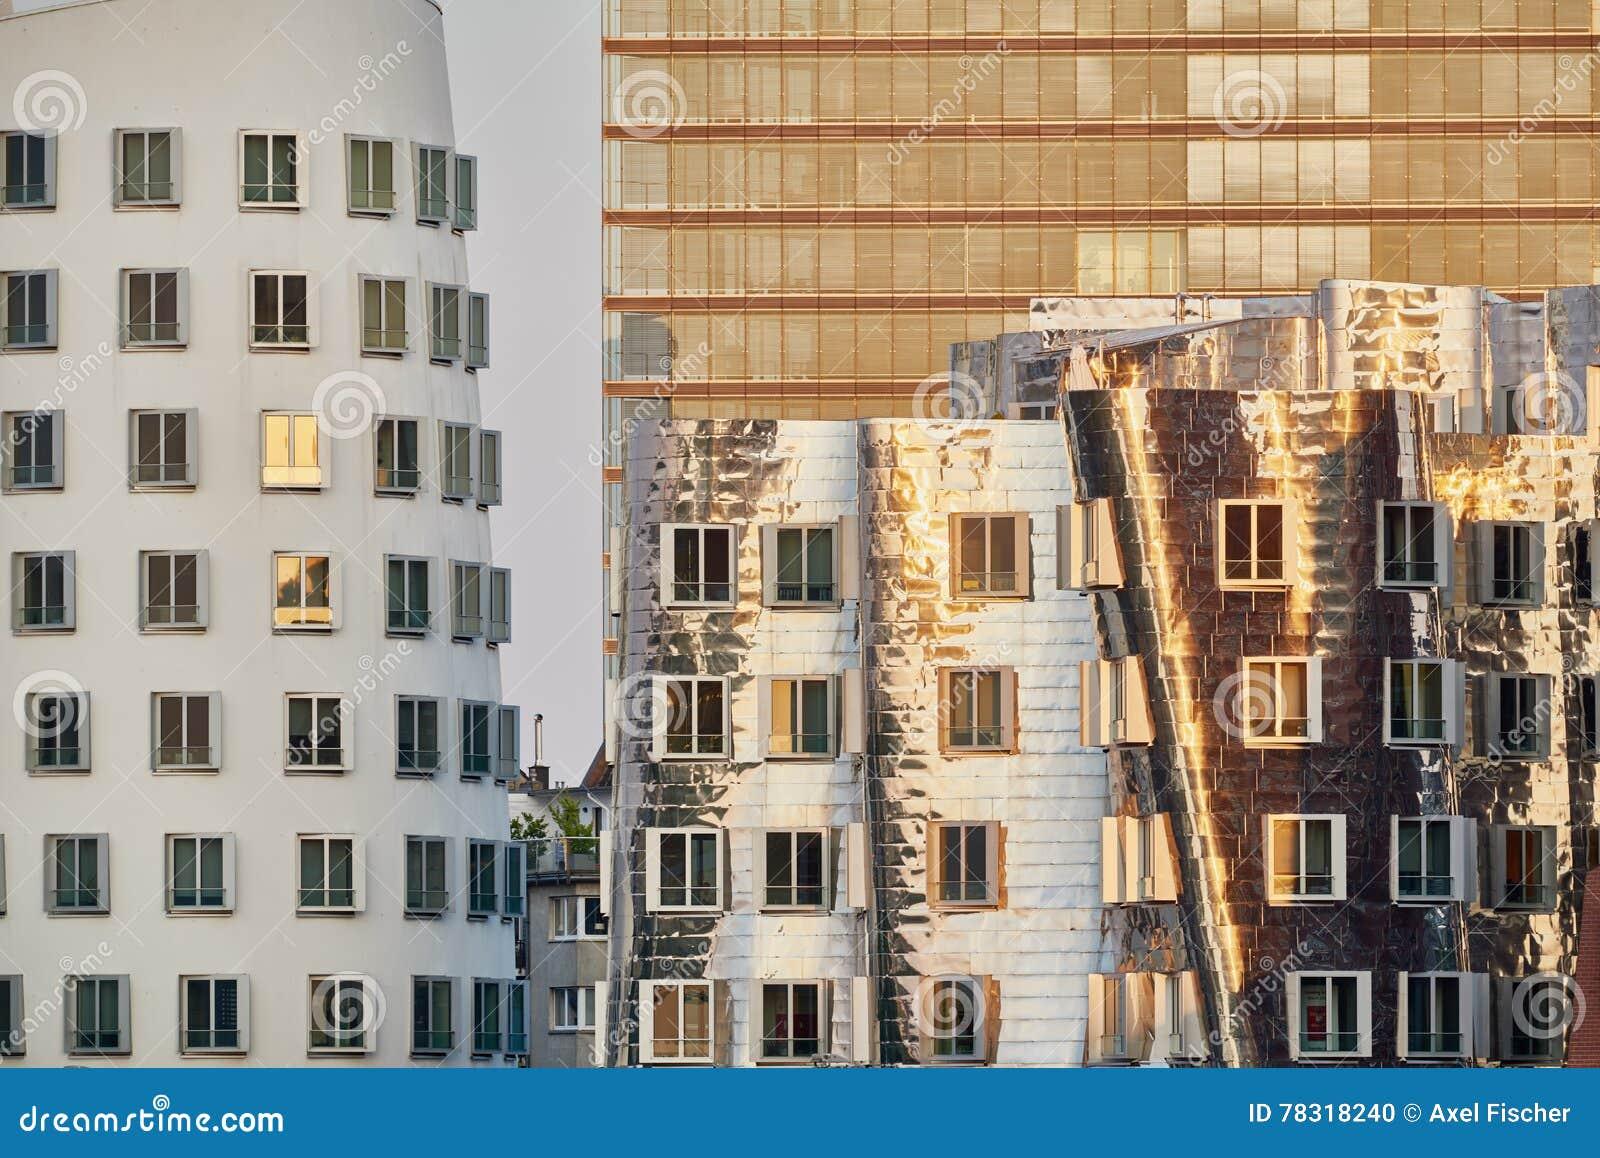 Duesseldorf germania 14 settembre 2016 le facciate for Facciate moderne